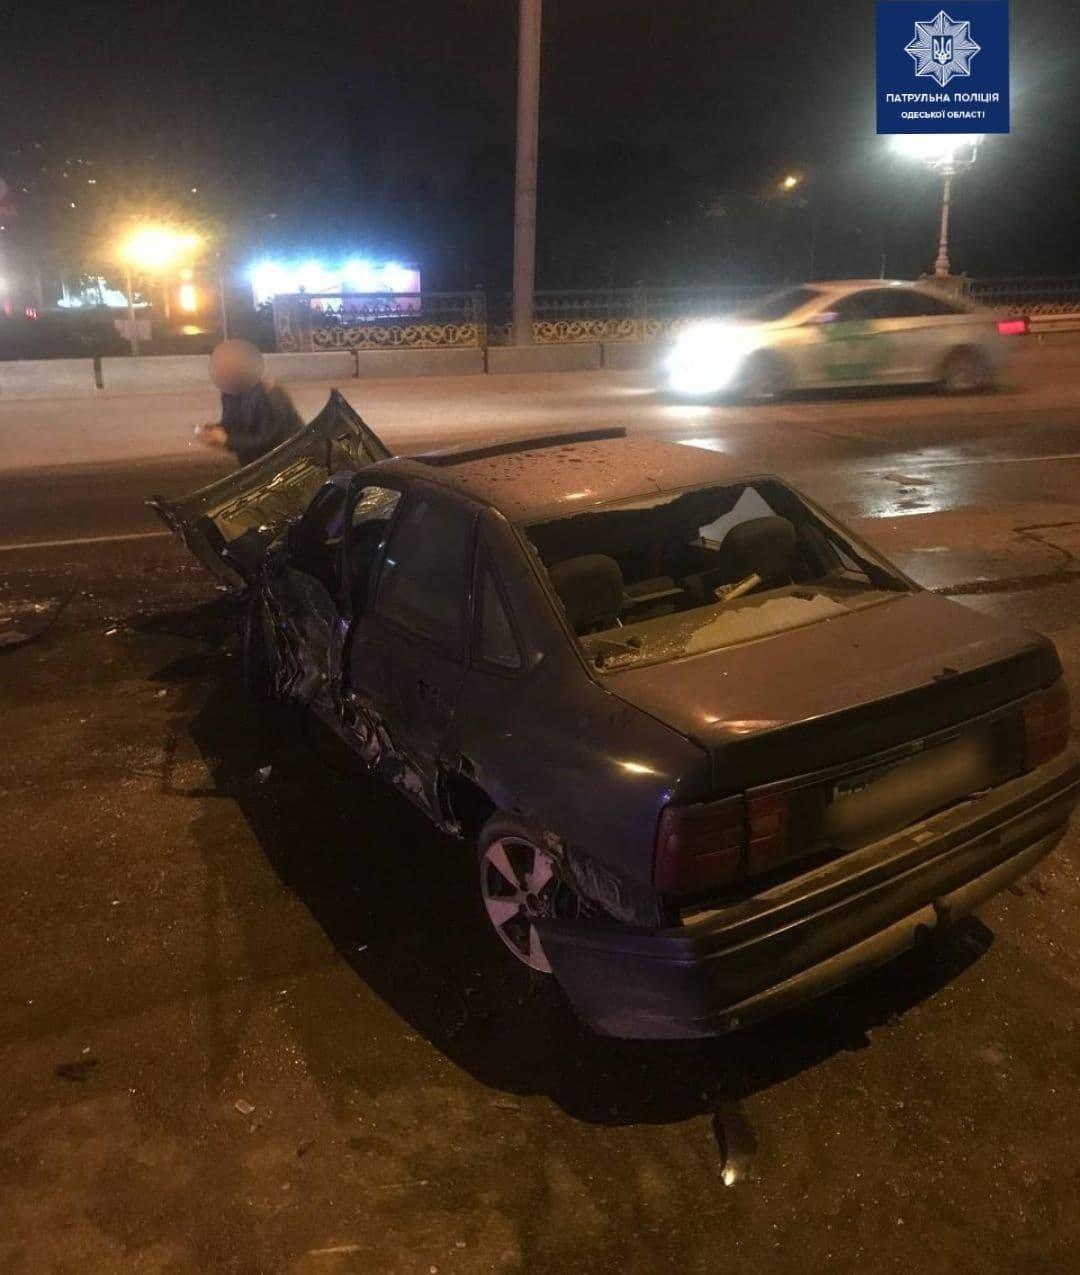 В ночном ДТП в Одессе пострадал водитель автомобиля, - ФОТО, фото-1